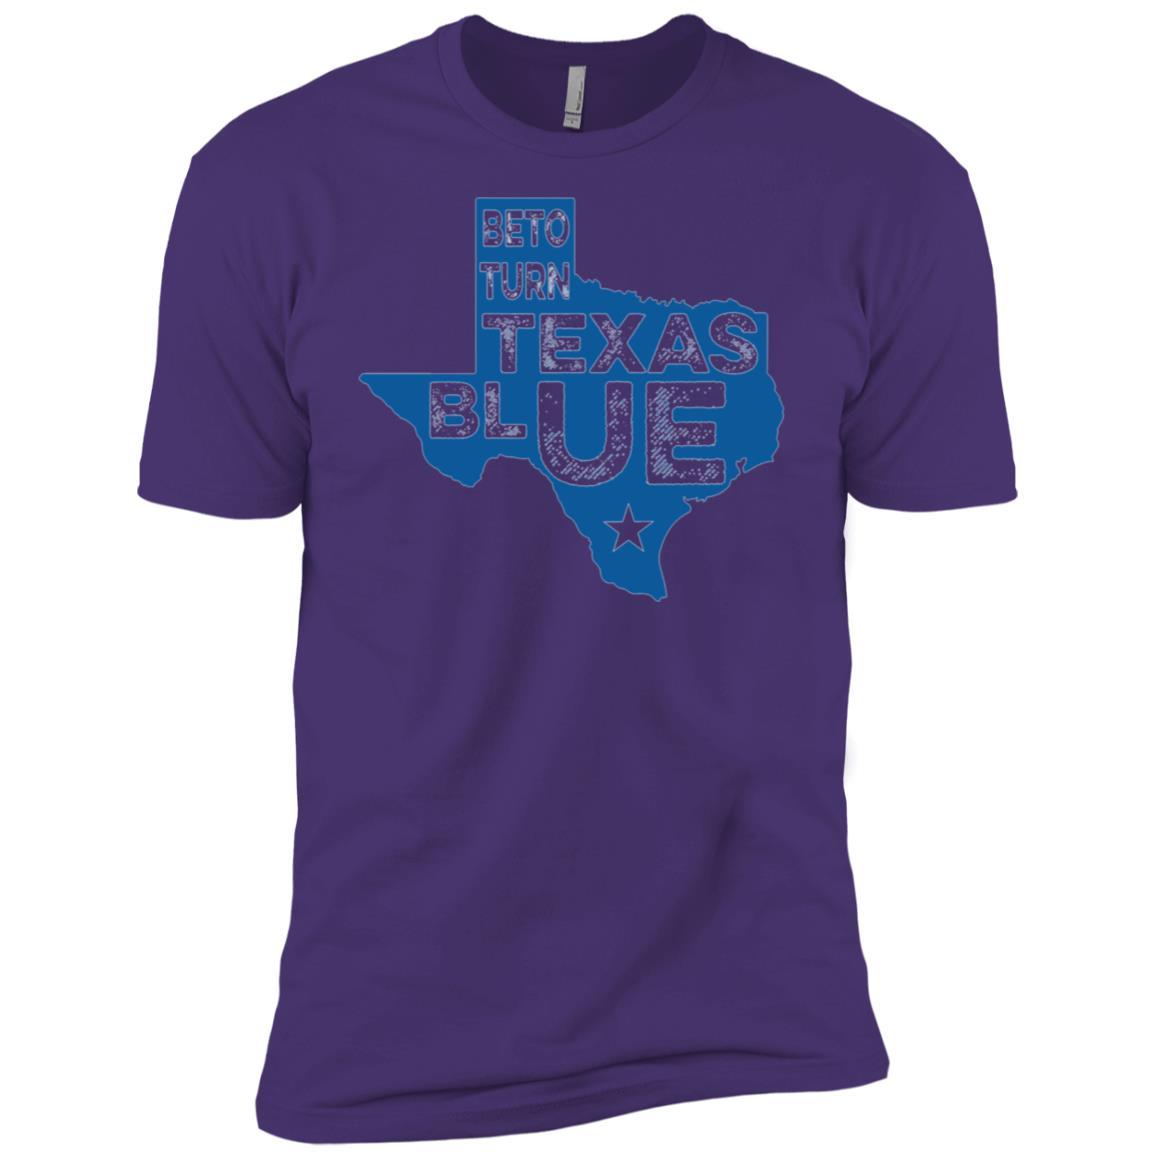 Texas Beto for Senate O'Rourke 2018 Men Short Sleeve T-Shirt